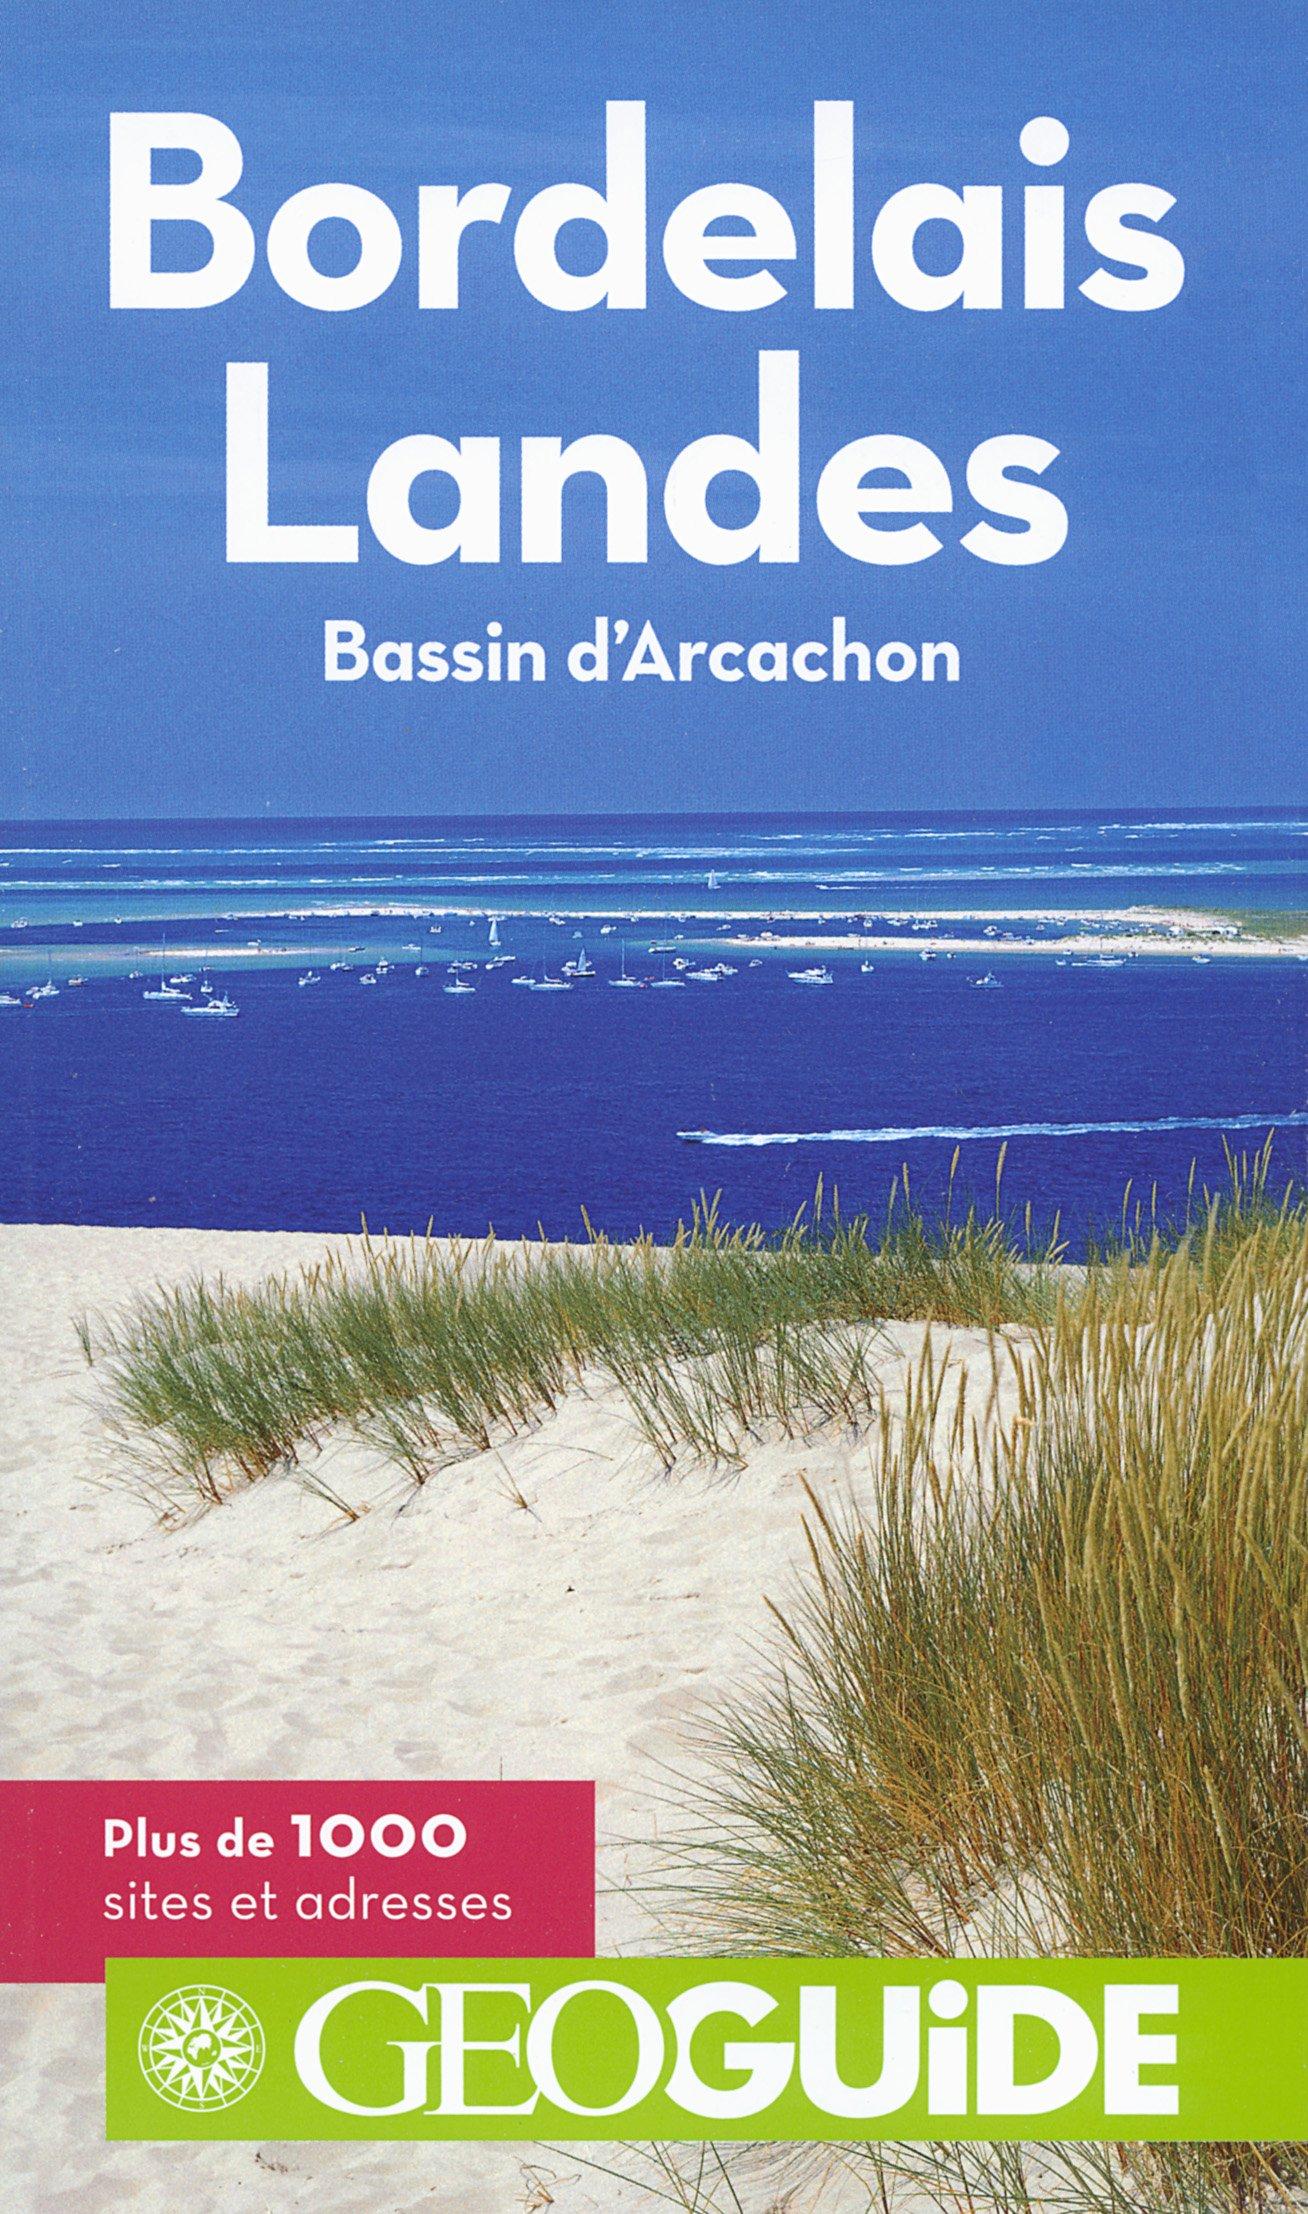 Bordelais - Landes: Bassin d'Arcachon Broché – 17 avril 2015 Vincent Grandferry Pierre Guitton Gallimard Loisirs 2742437134